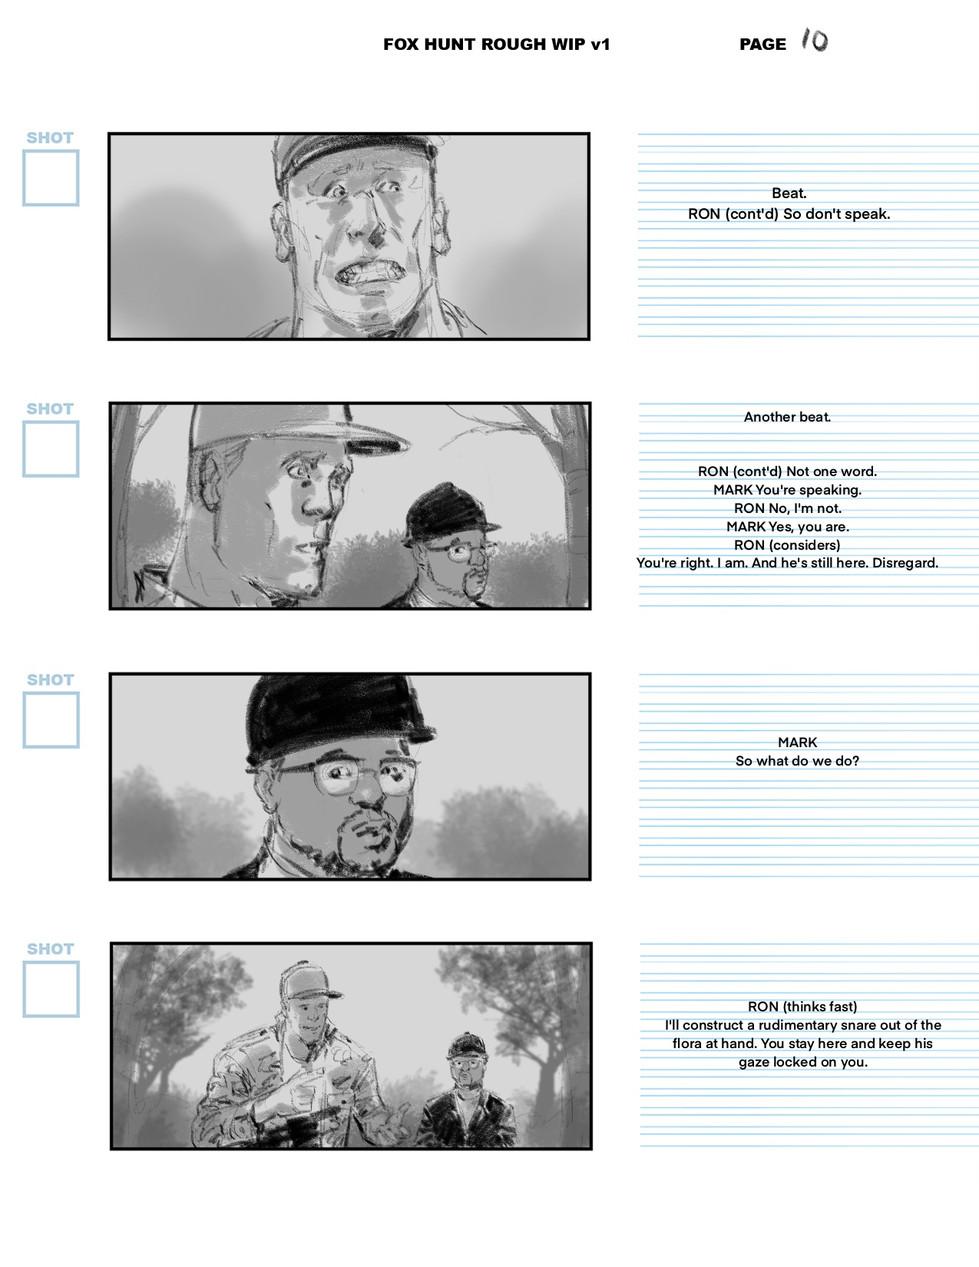 FH pg10.JPG